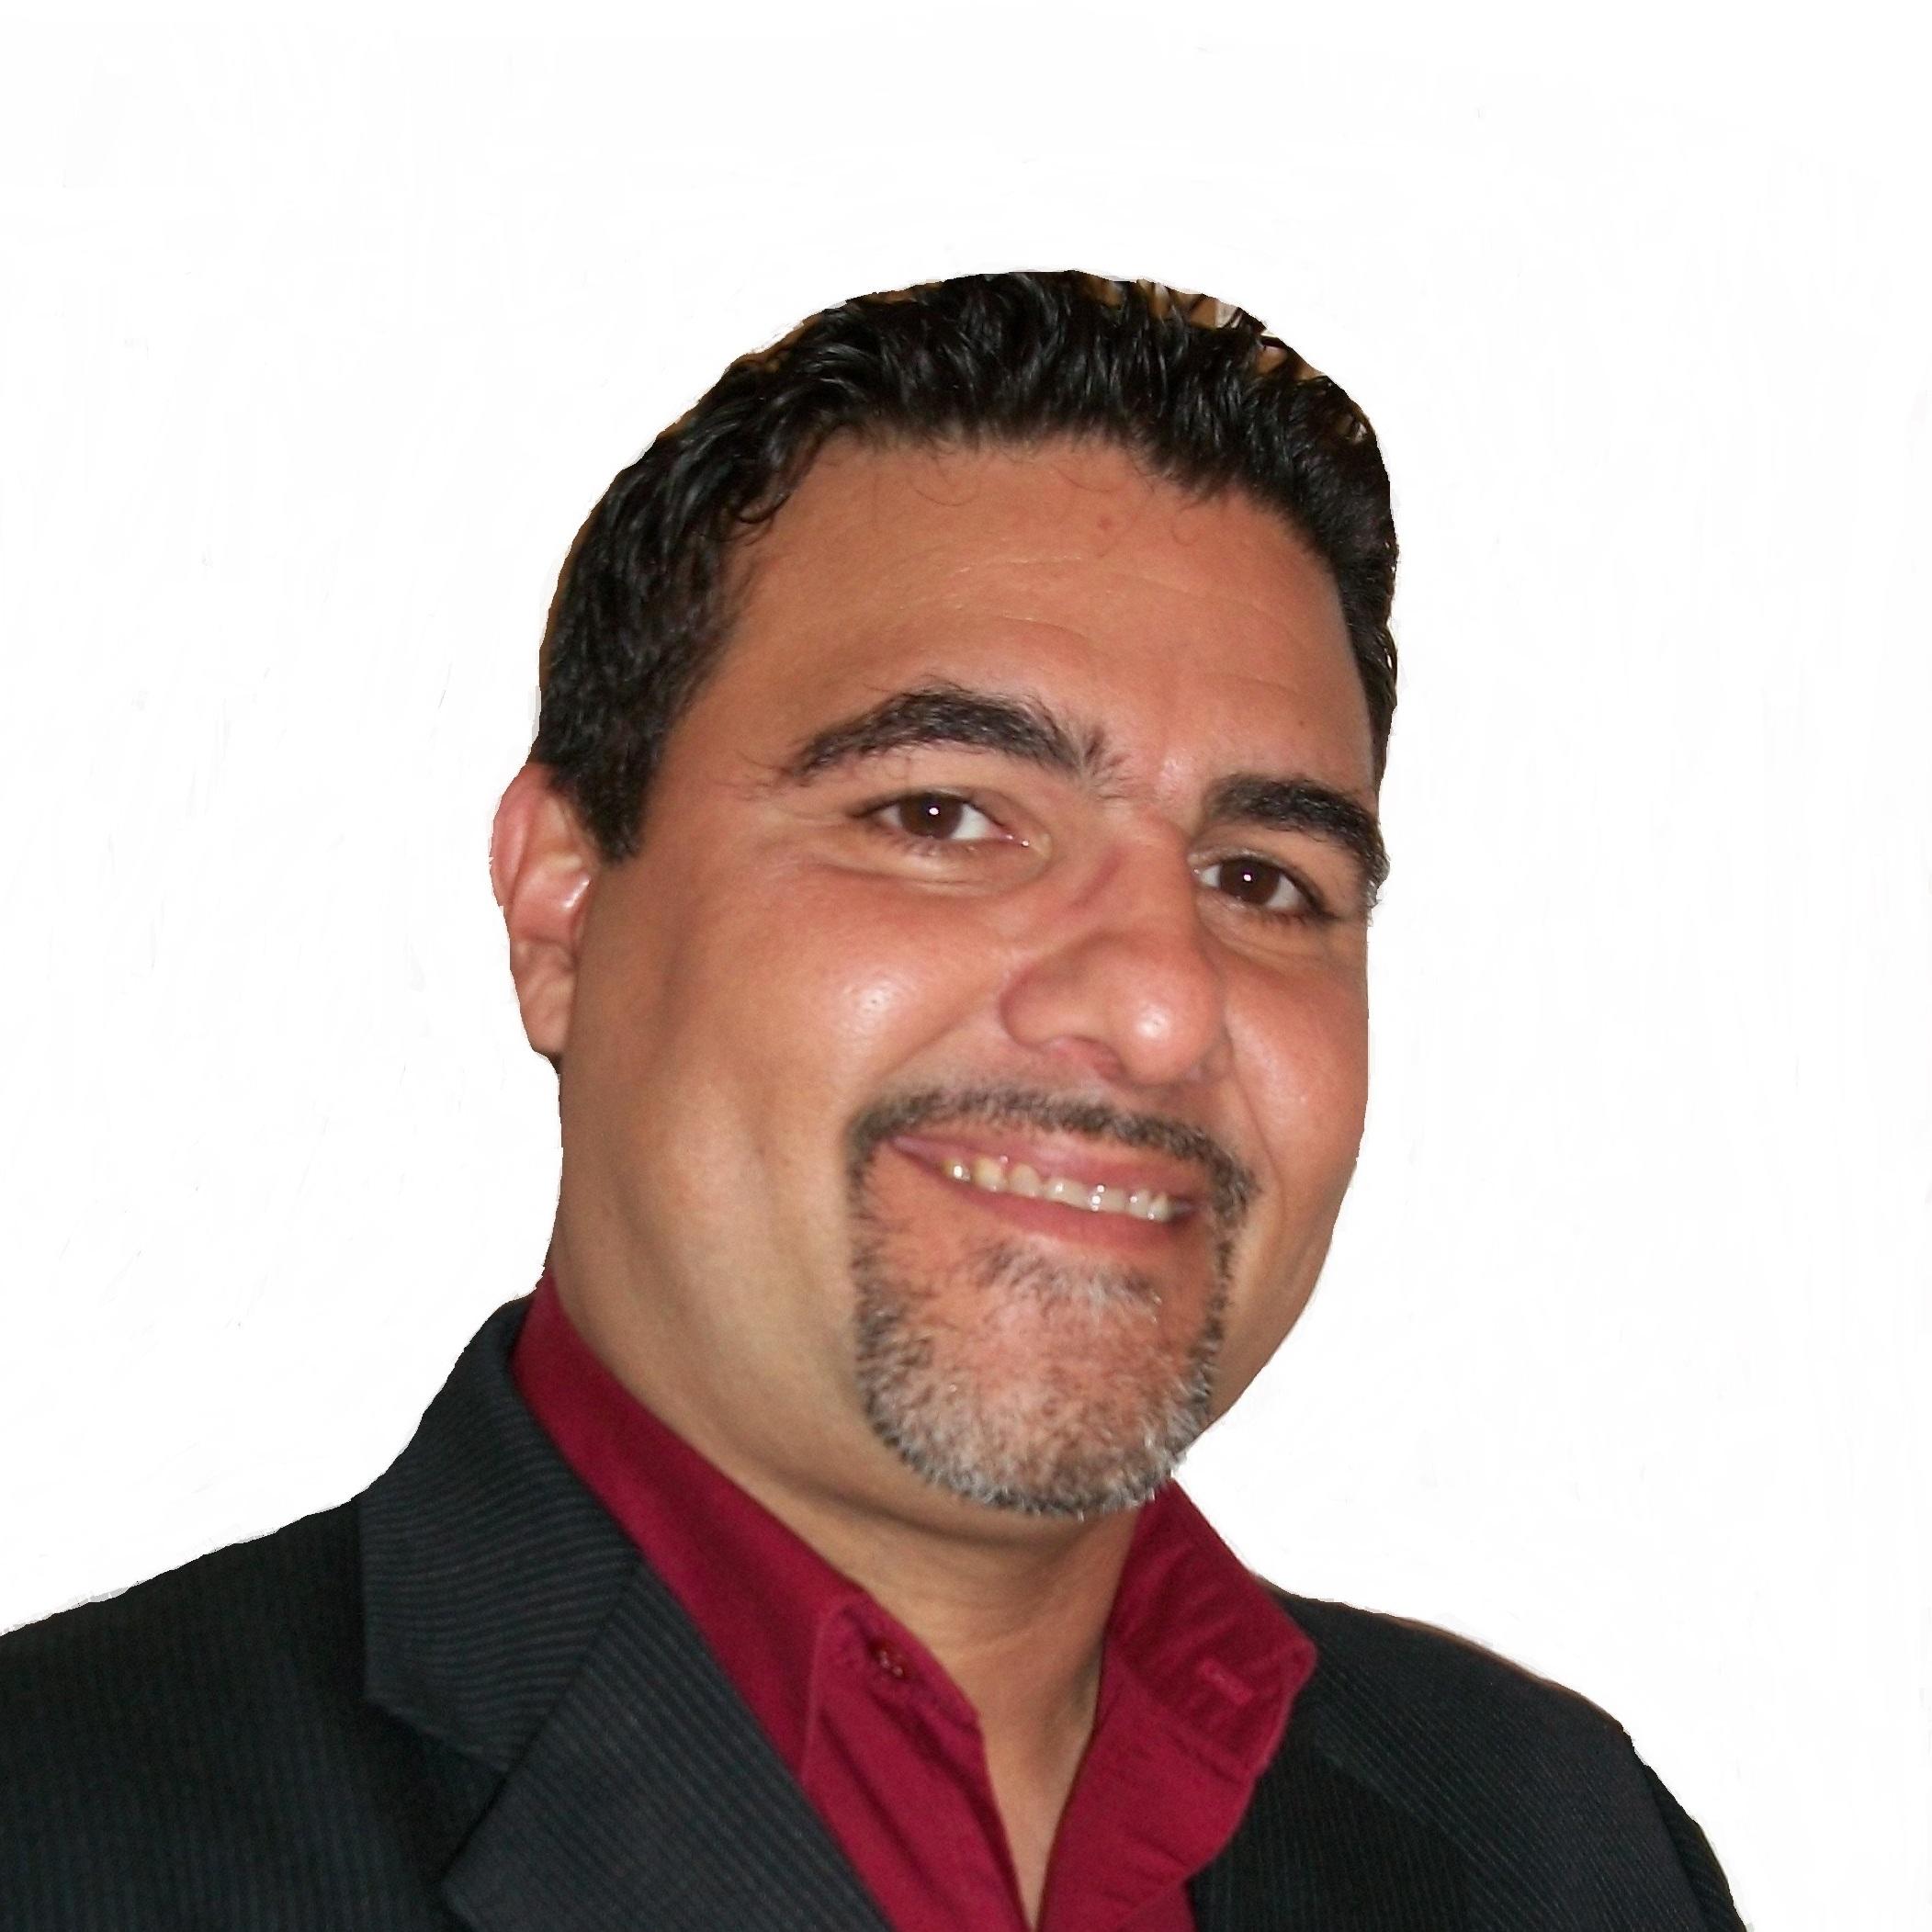 Nelson Rosado